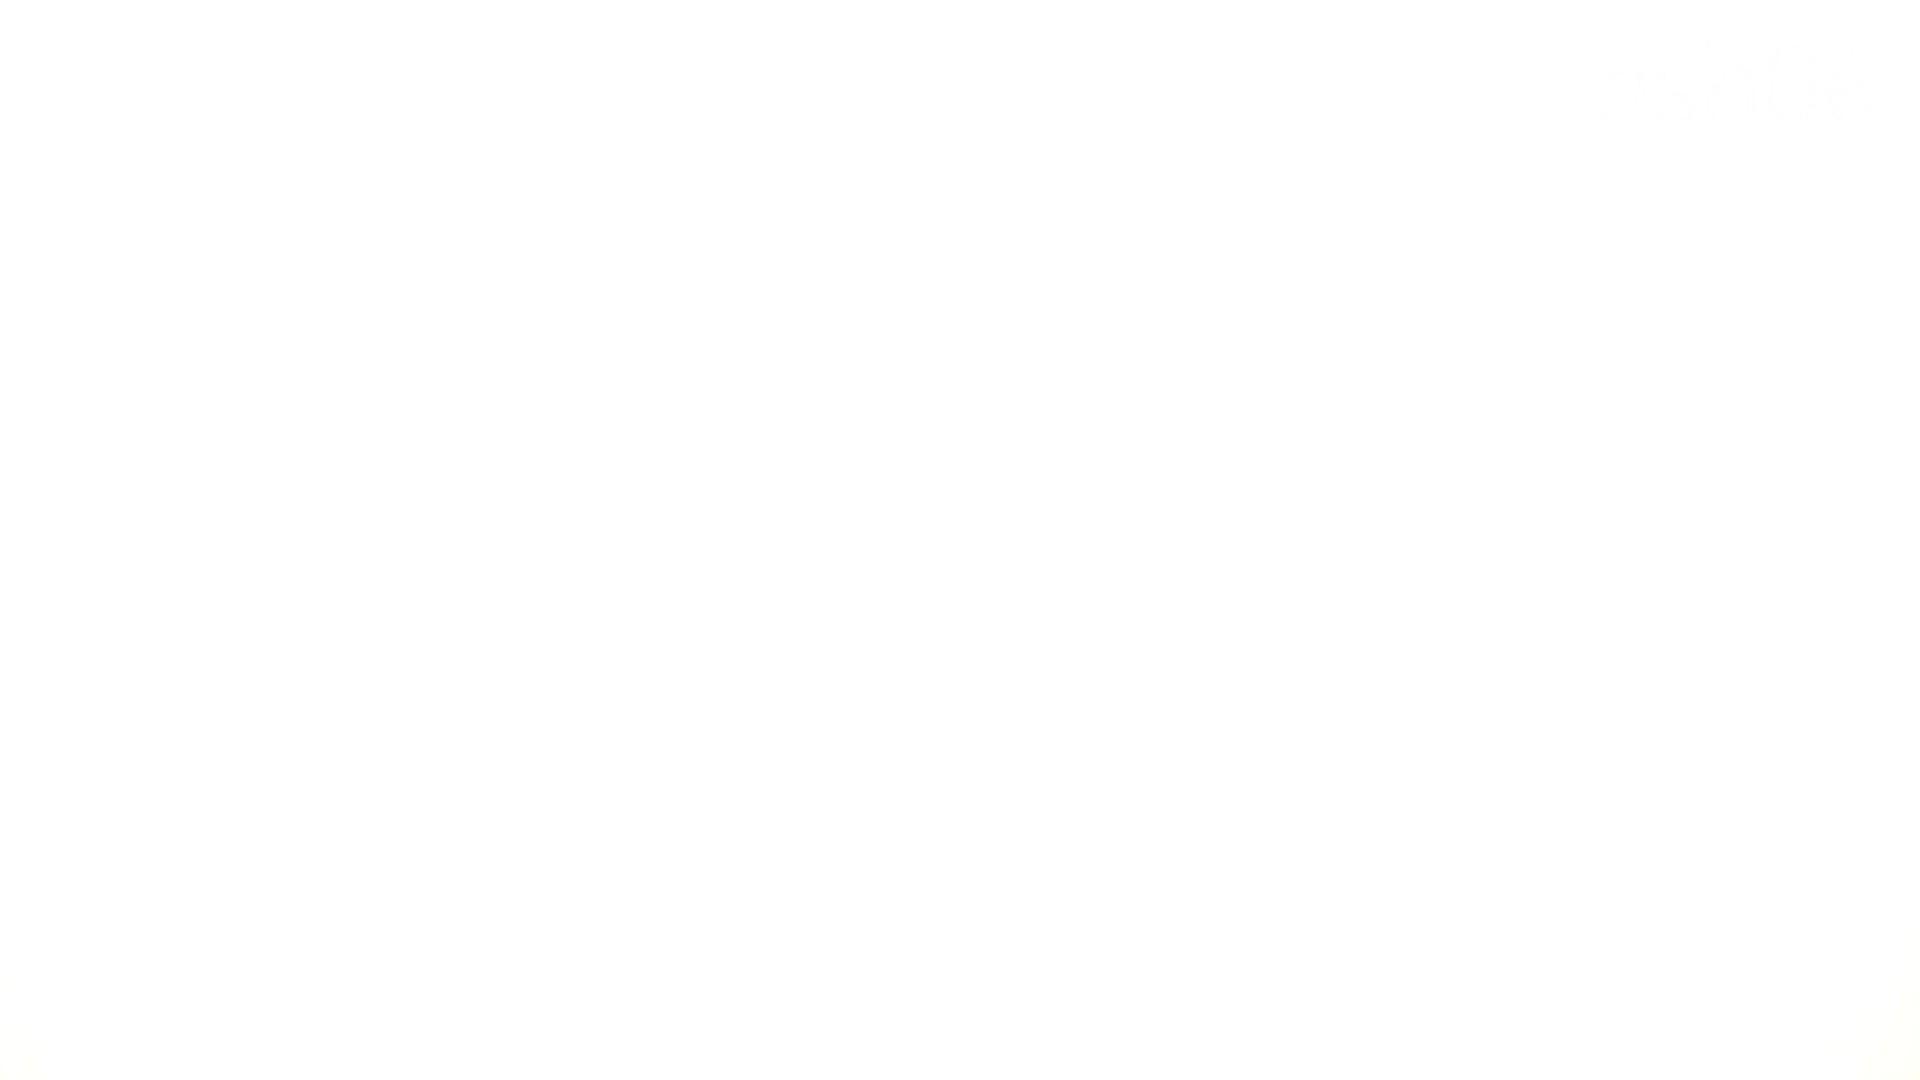 ▲復活限定▲ハイビジョン 盗神伝 Vol.6 期間限定 | エッチすぎるOL達  99連発 17